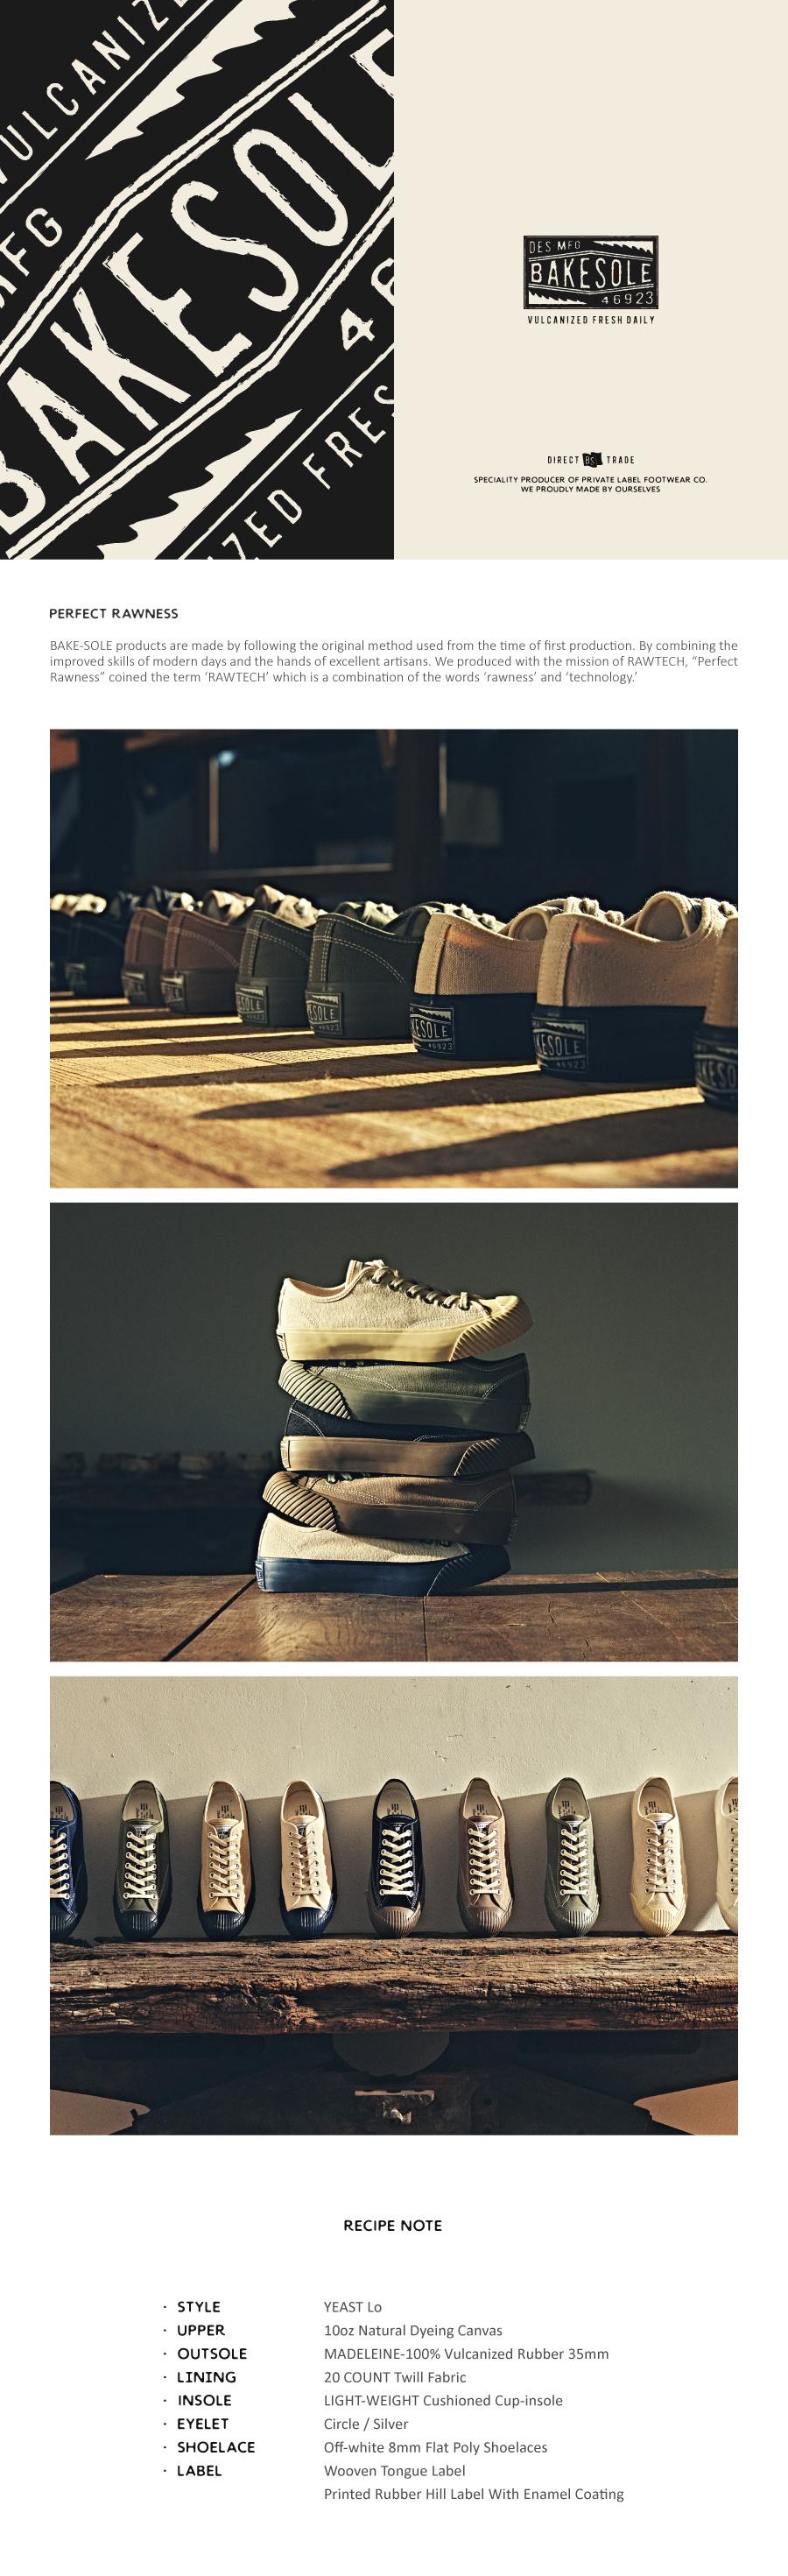 베이크솔(BAKE-SOLE) 이스트 YEAST Wood_Wood